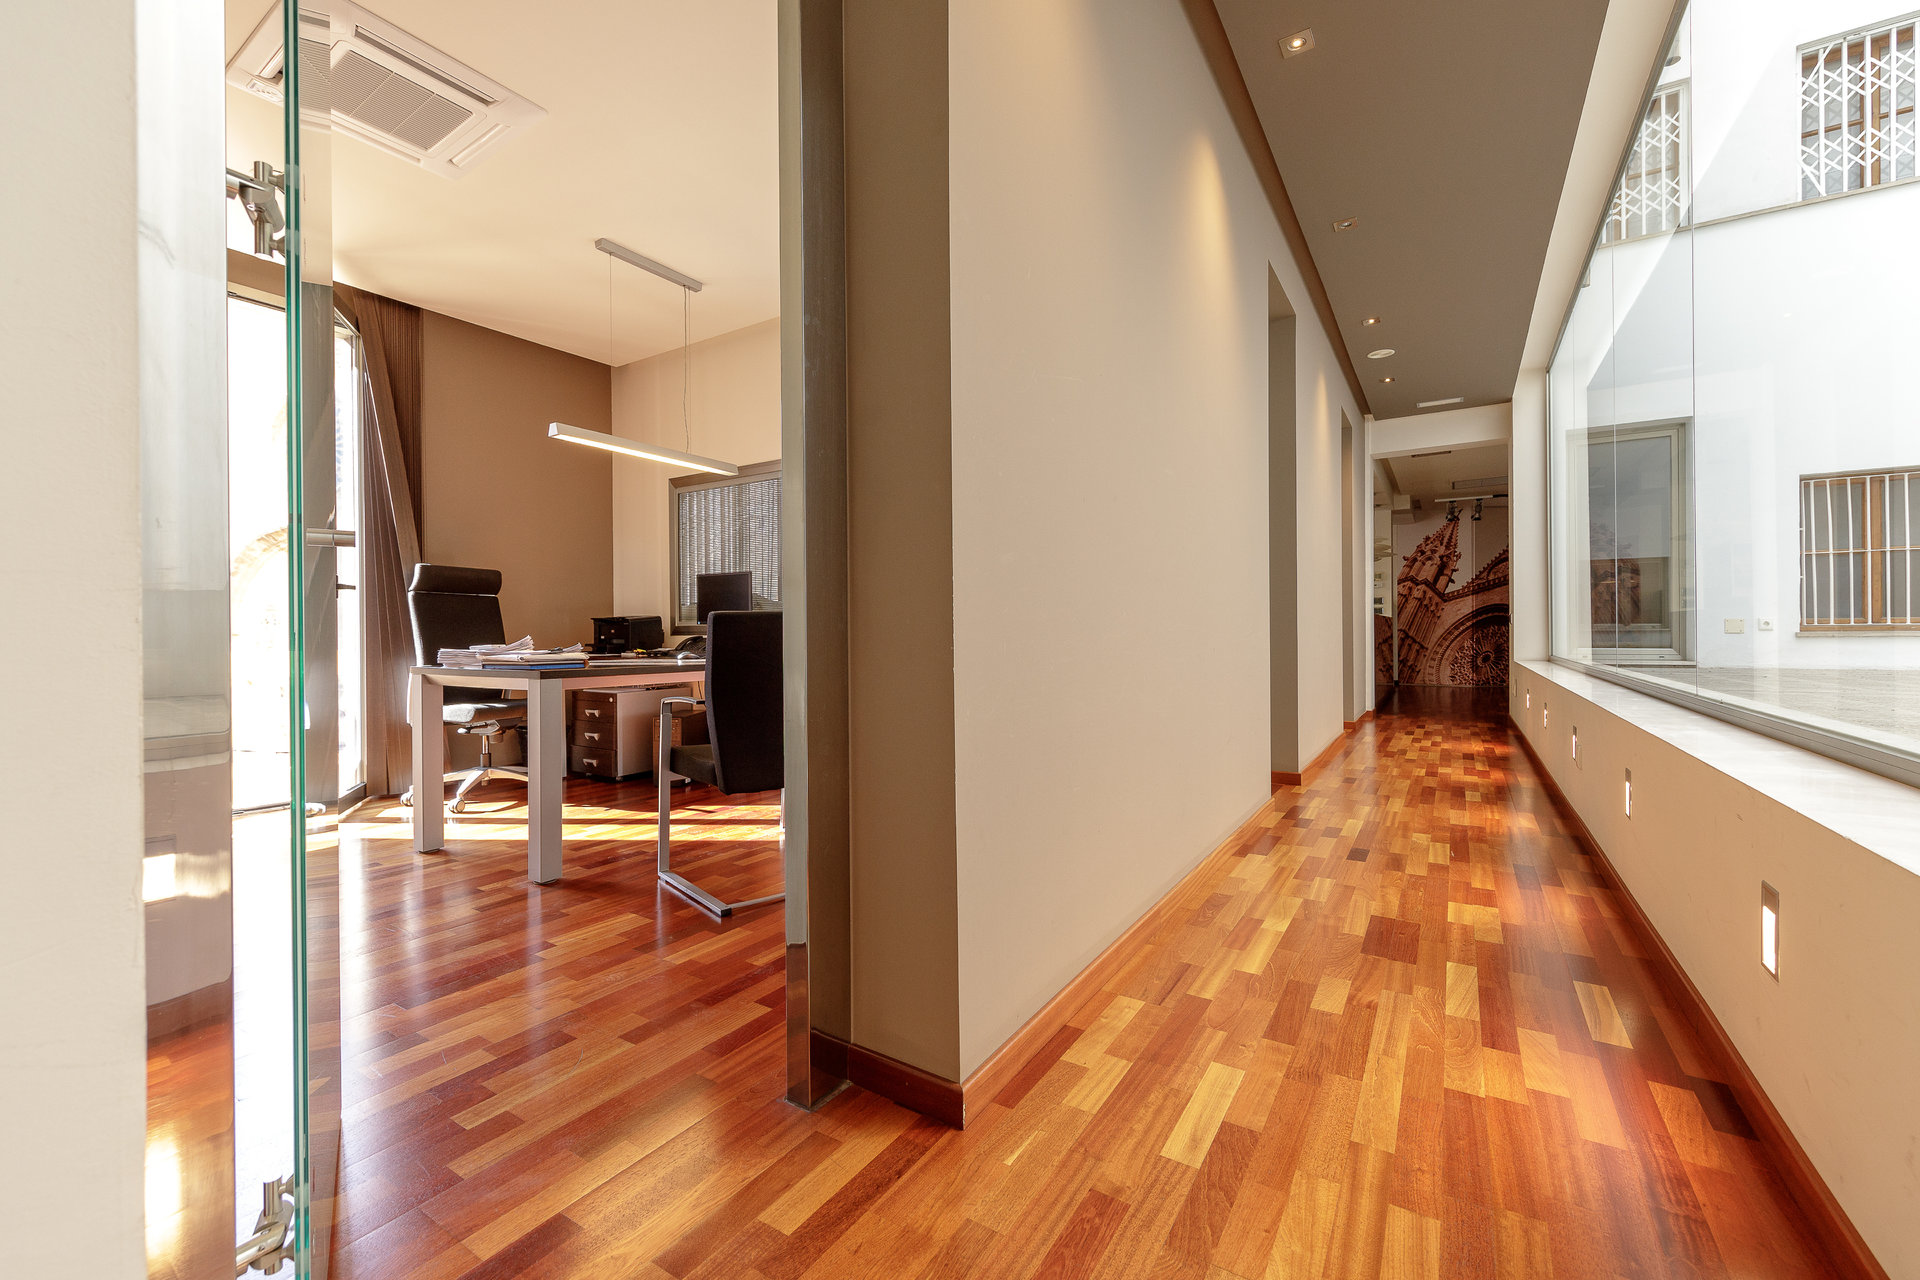 Ad Sale Apartment Palma de Mallorca (07001) ref:V0497PM